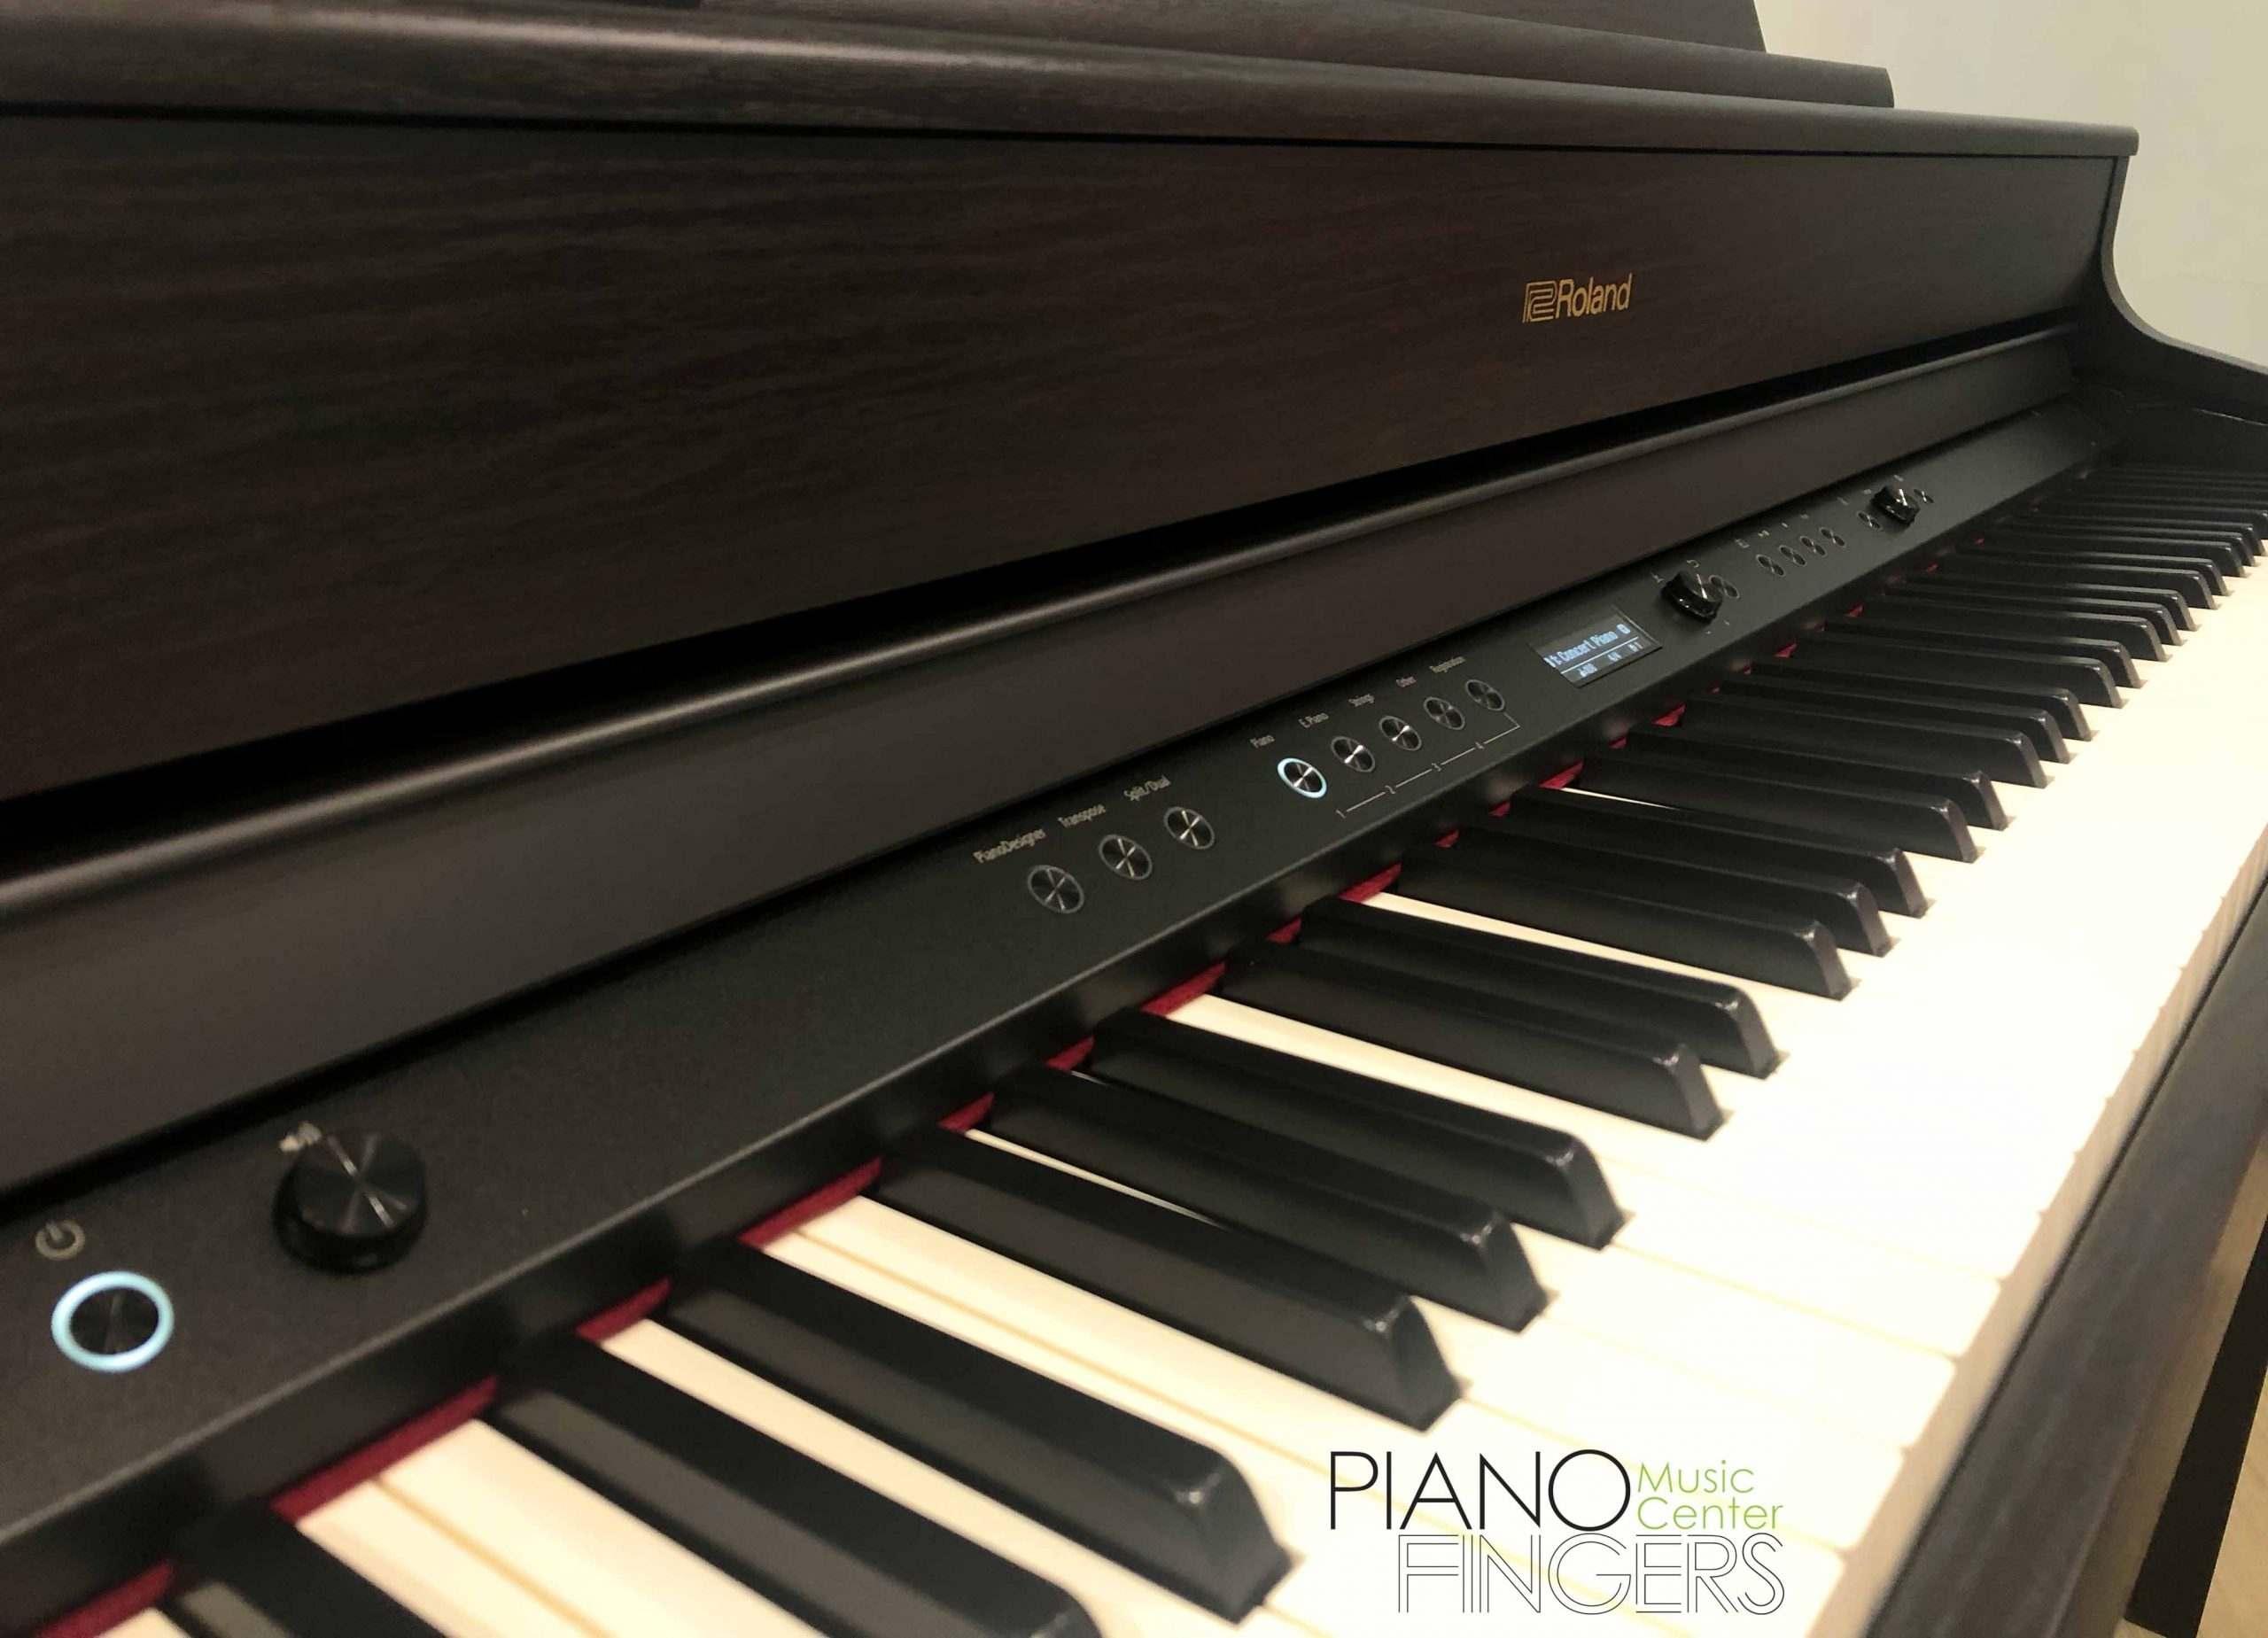 piano-fingers-xin-tri-an-truong-quoc-te-viet-uc-vas-5